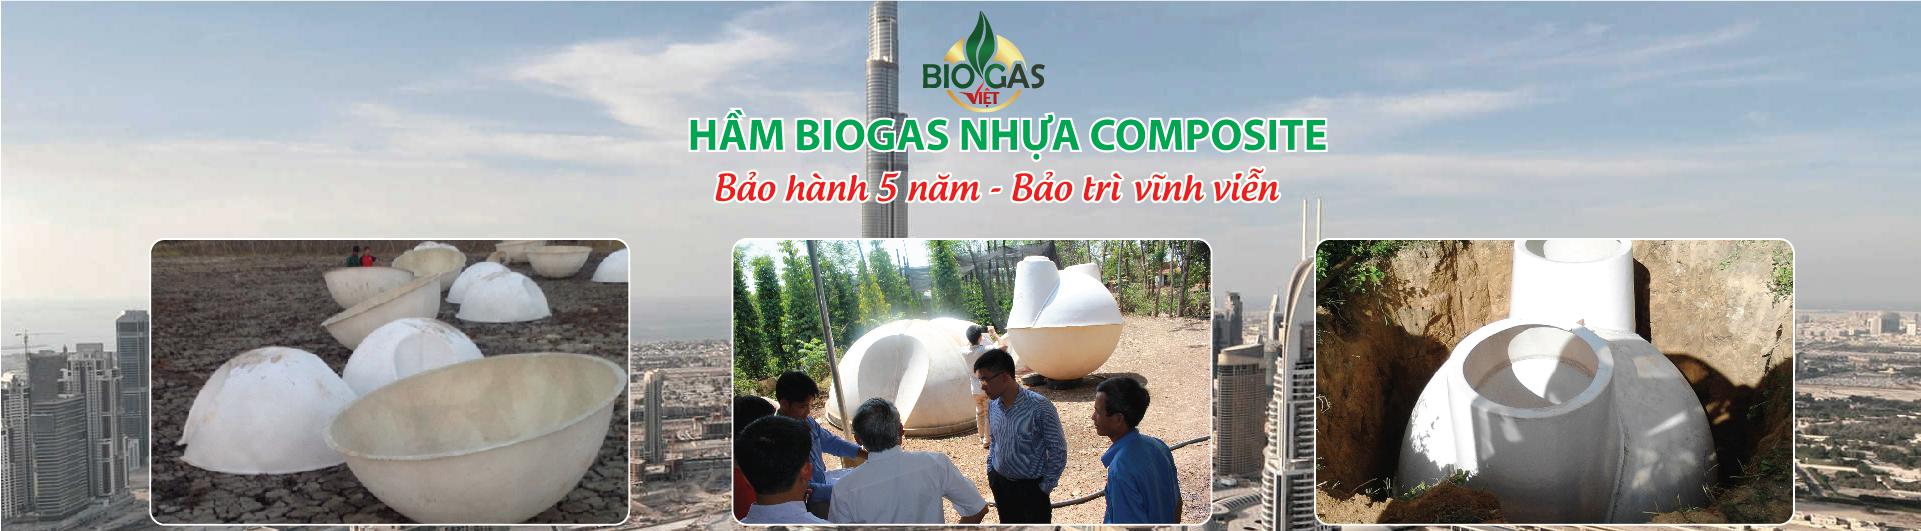 banner biogas viet-46